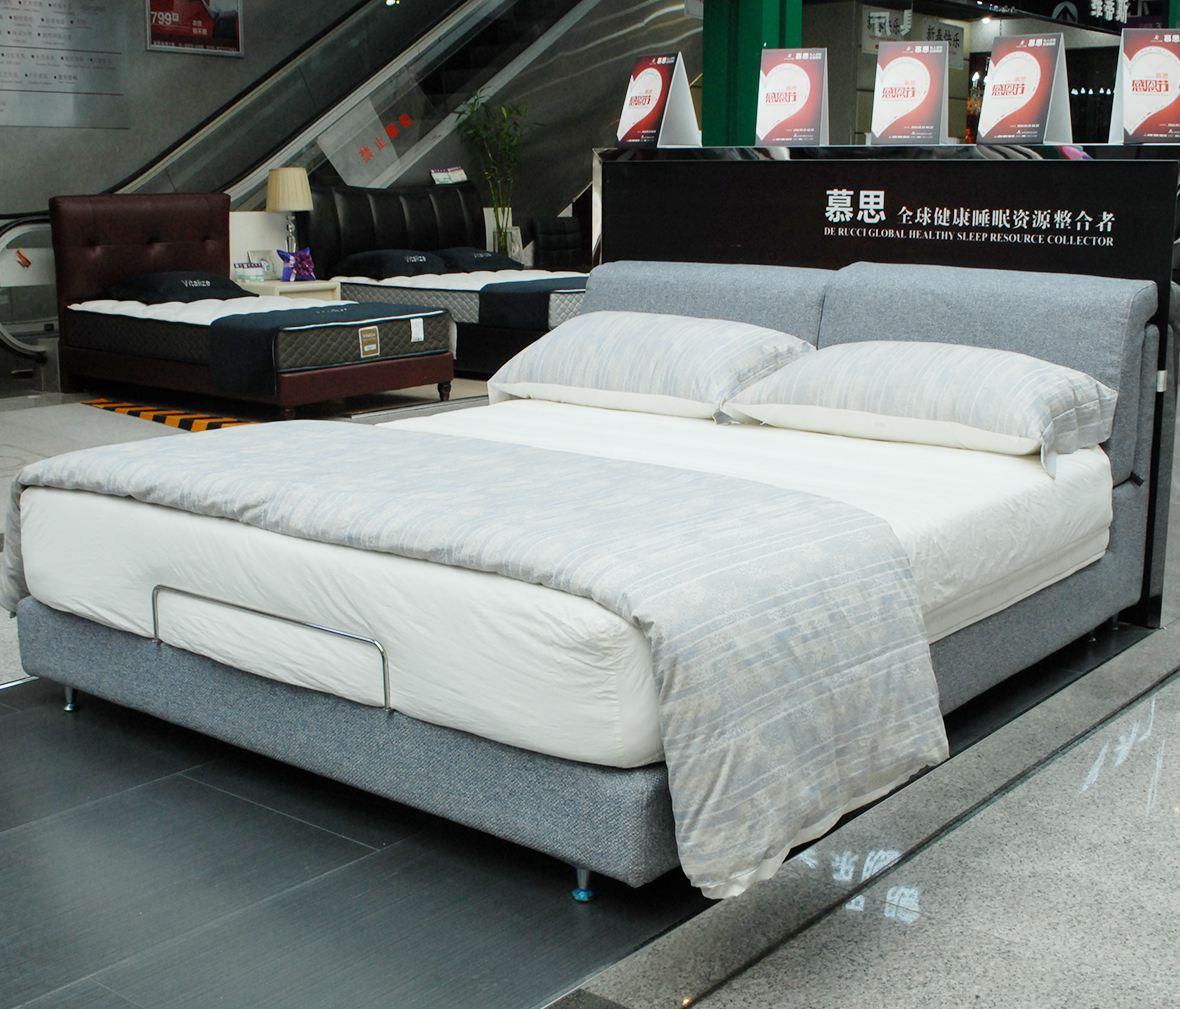 厚床垫好还是薄床垫好?怎么选择床垫?